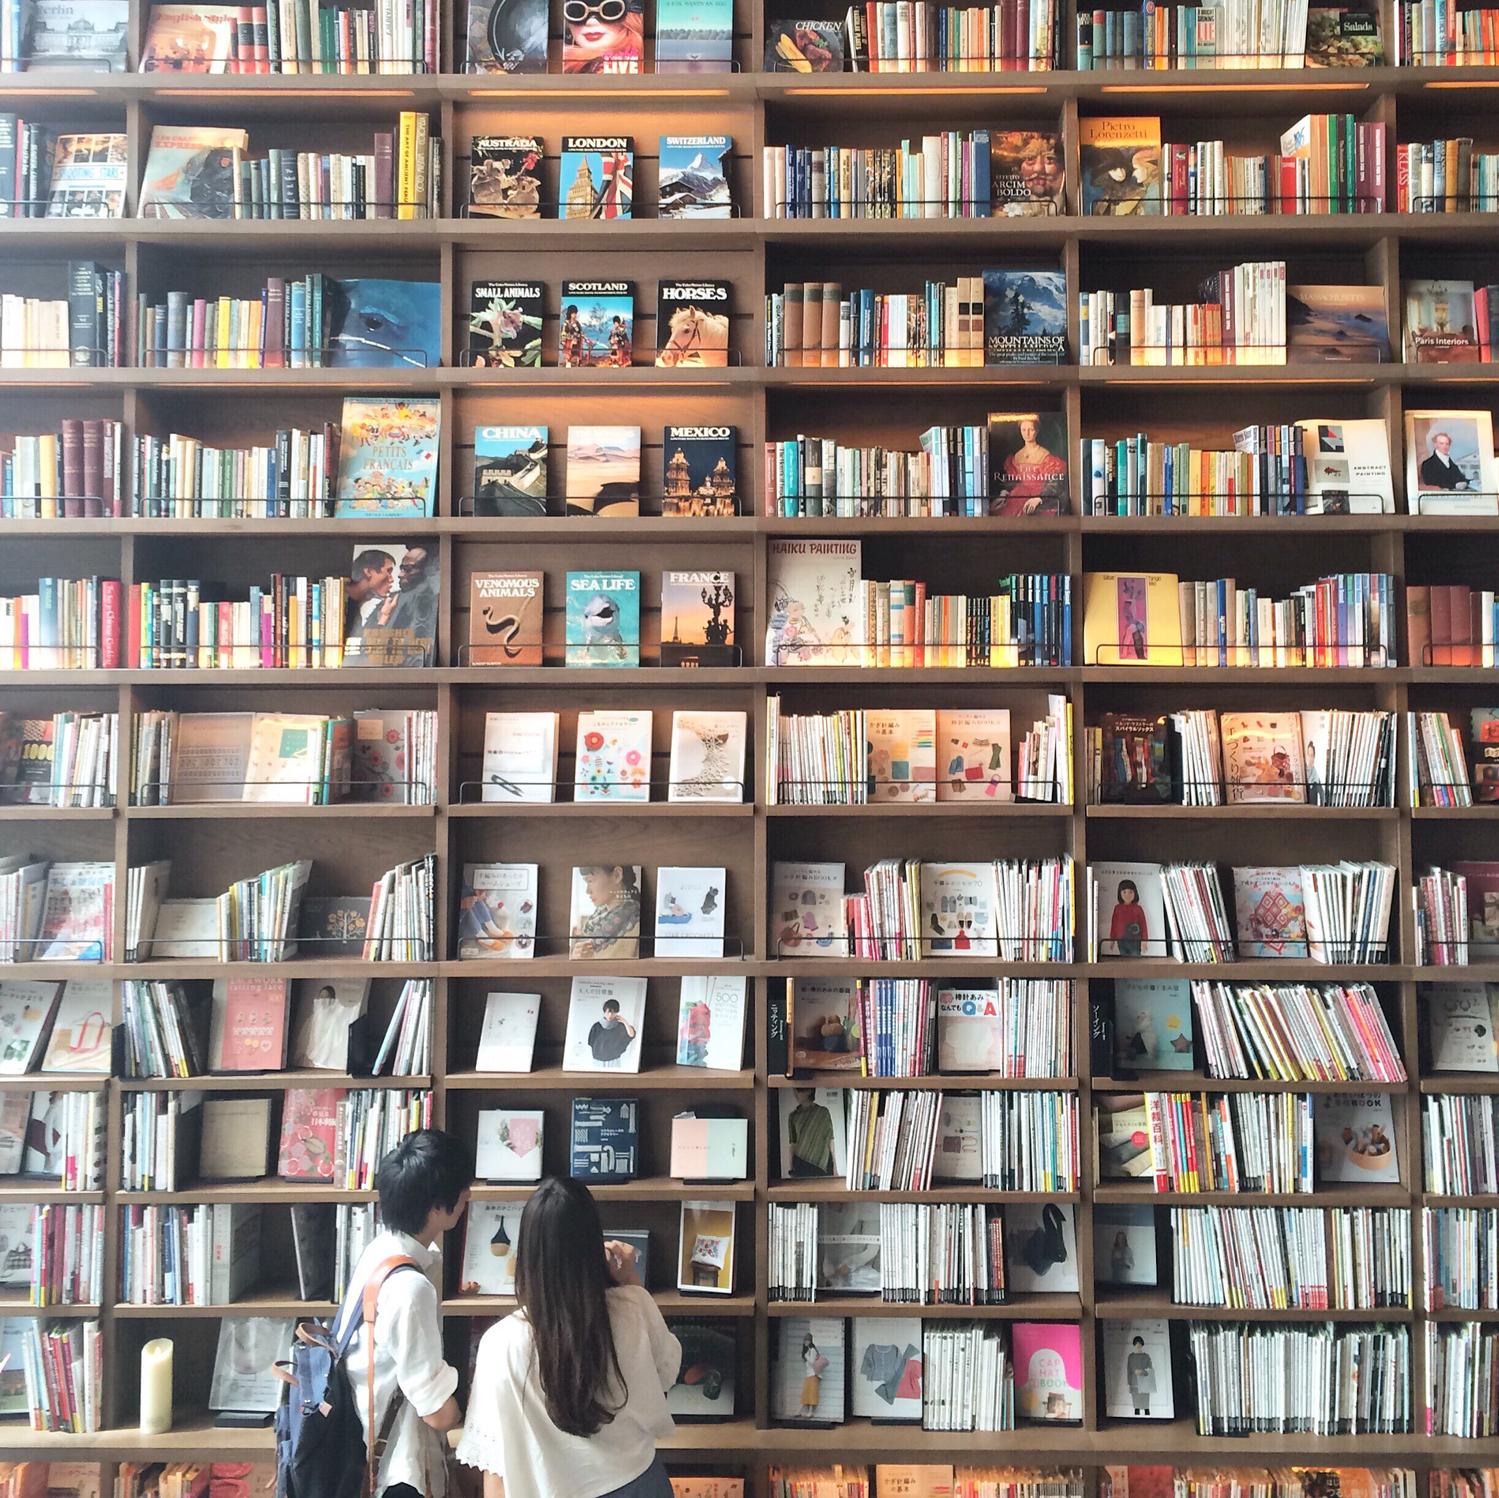 きれいな収納で読書もはかどりそう